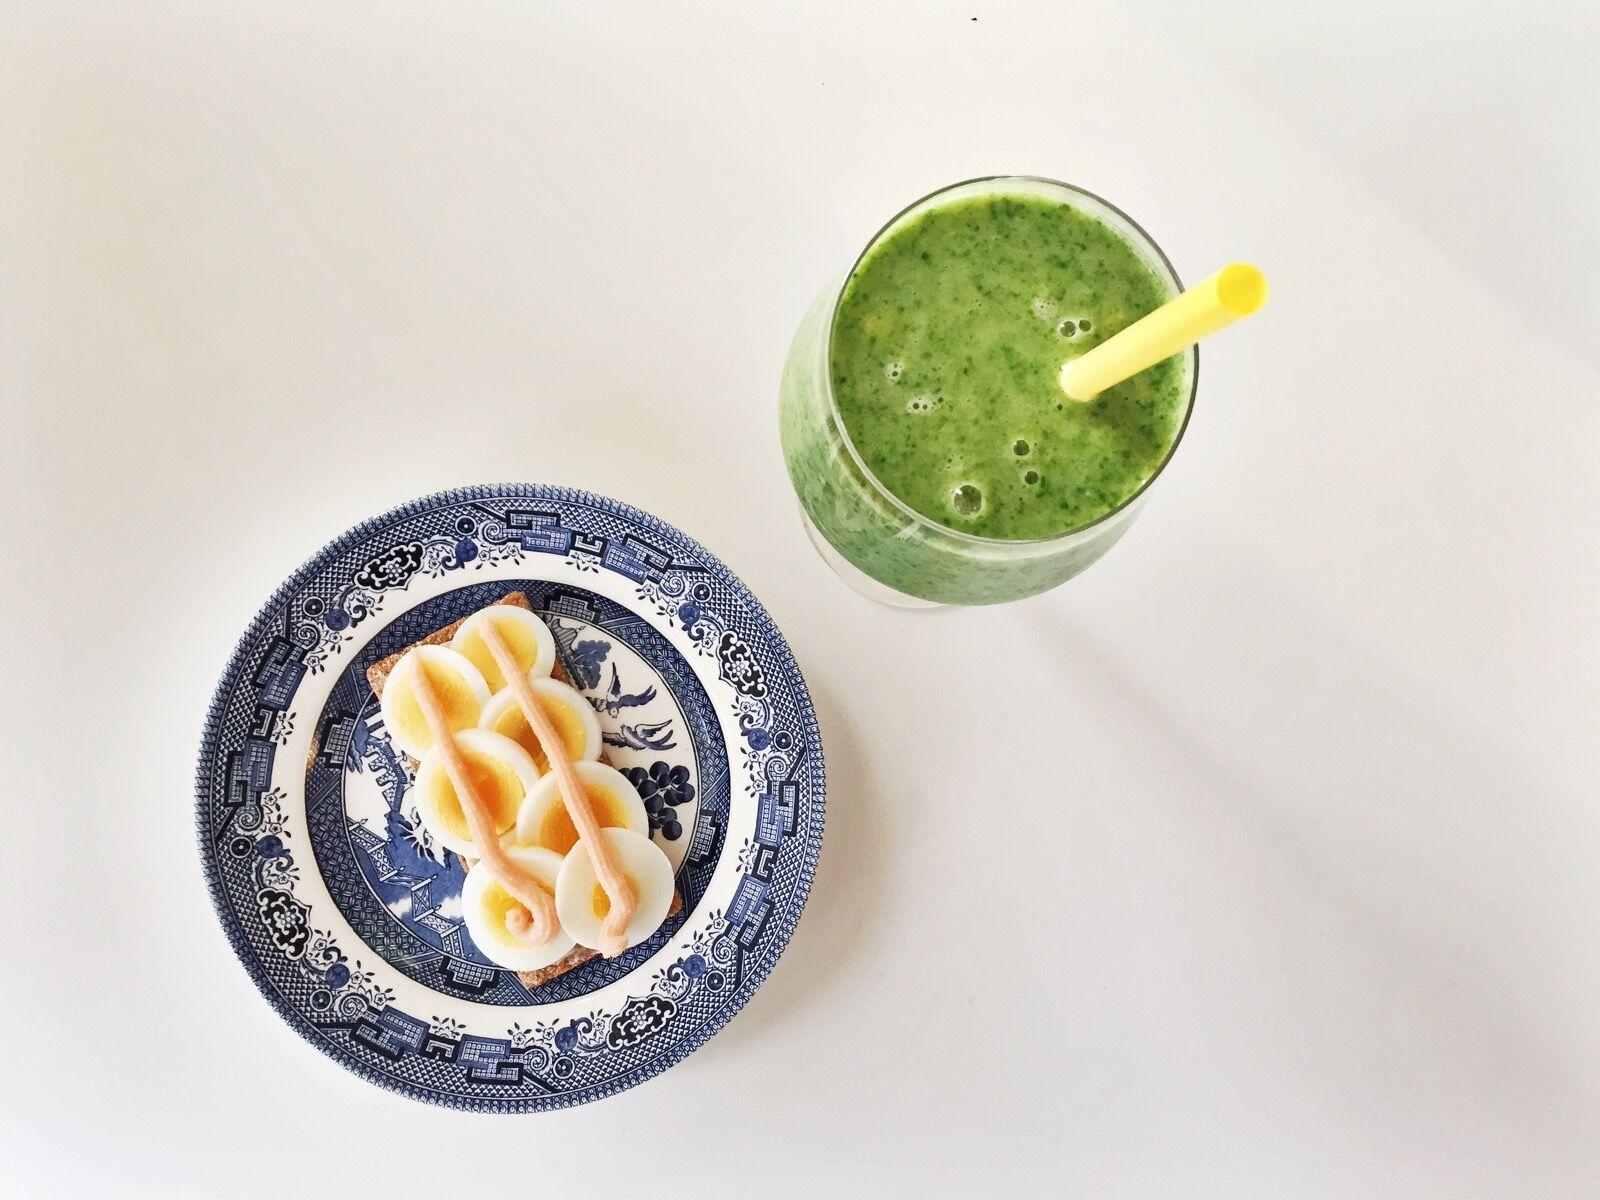 Min härliga, gröna spenatsmoothie serverades med ett knäcke (1 sp) med ägg (2 sp) och kaviar (1 sp).